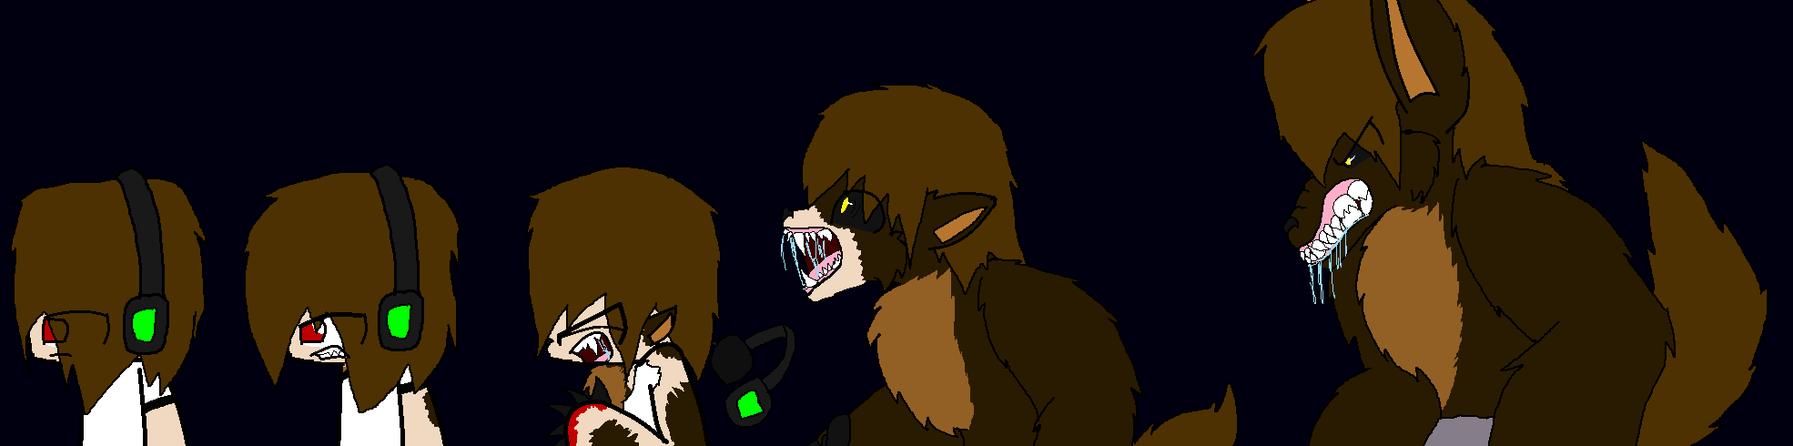 DeadLox's Werewolf Transformation by CandySugarSkullGirl9 ...